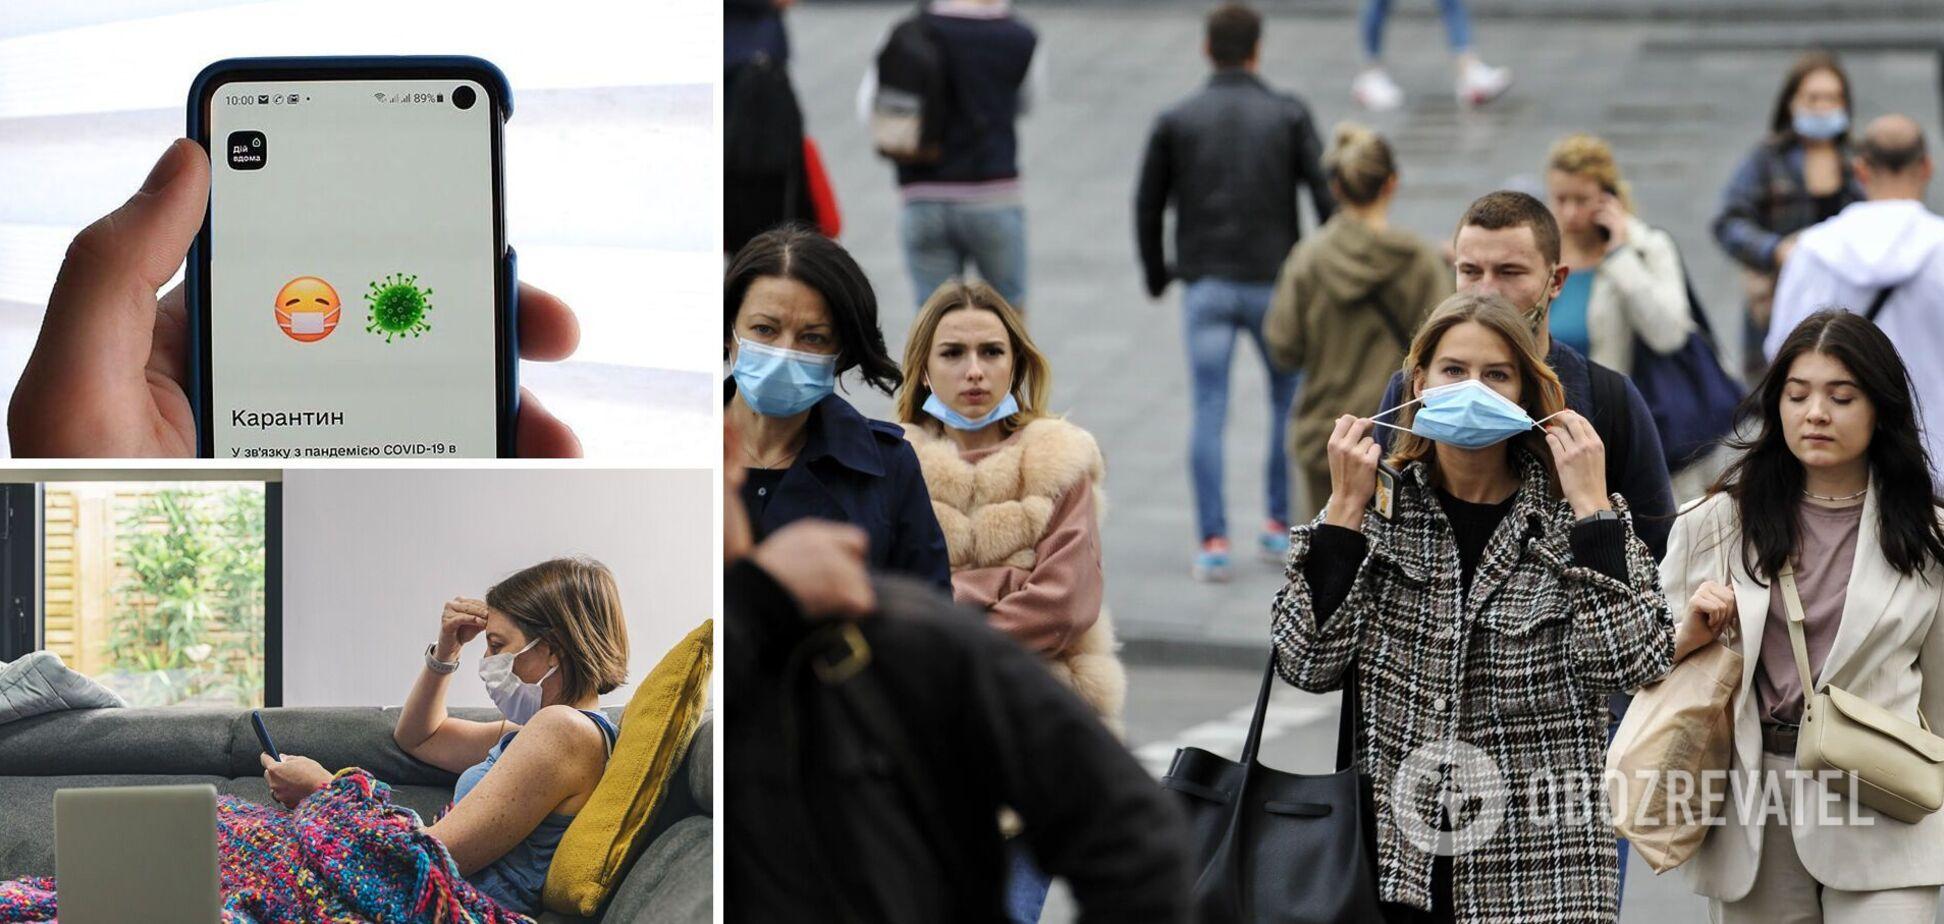 Українцям загрожують великі штрафи за порушення самоізоляції: скільки заплатять і як перевірятимуть